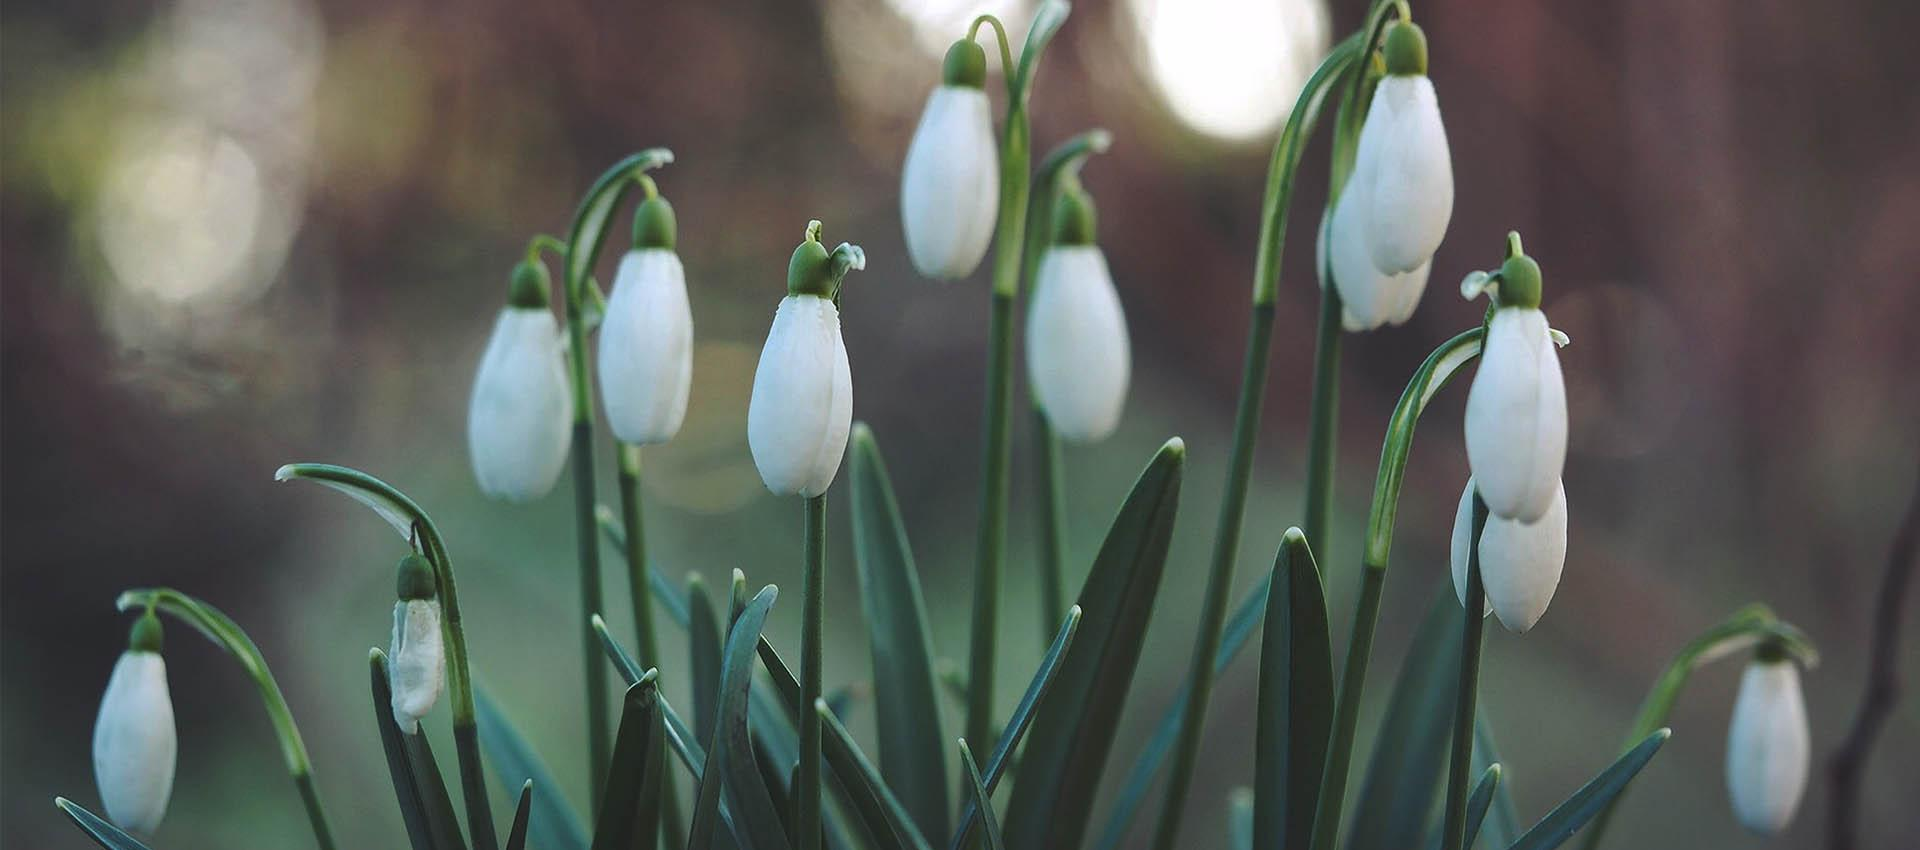 Powitajmy astronomiczną wiosnę!